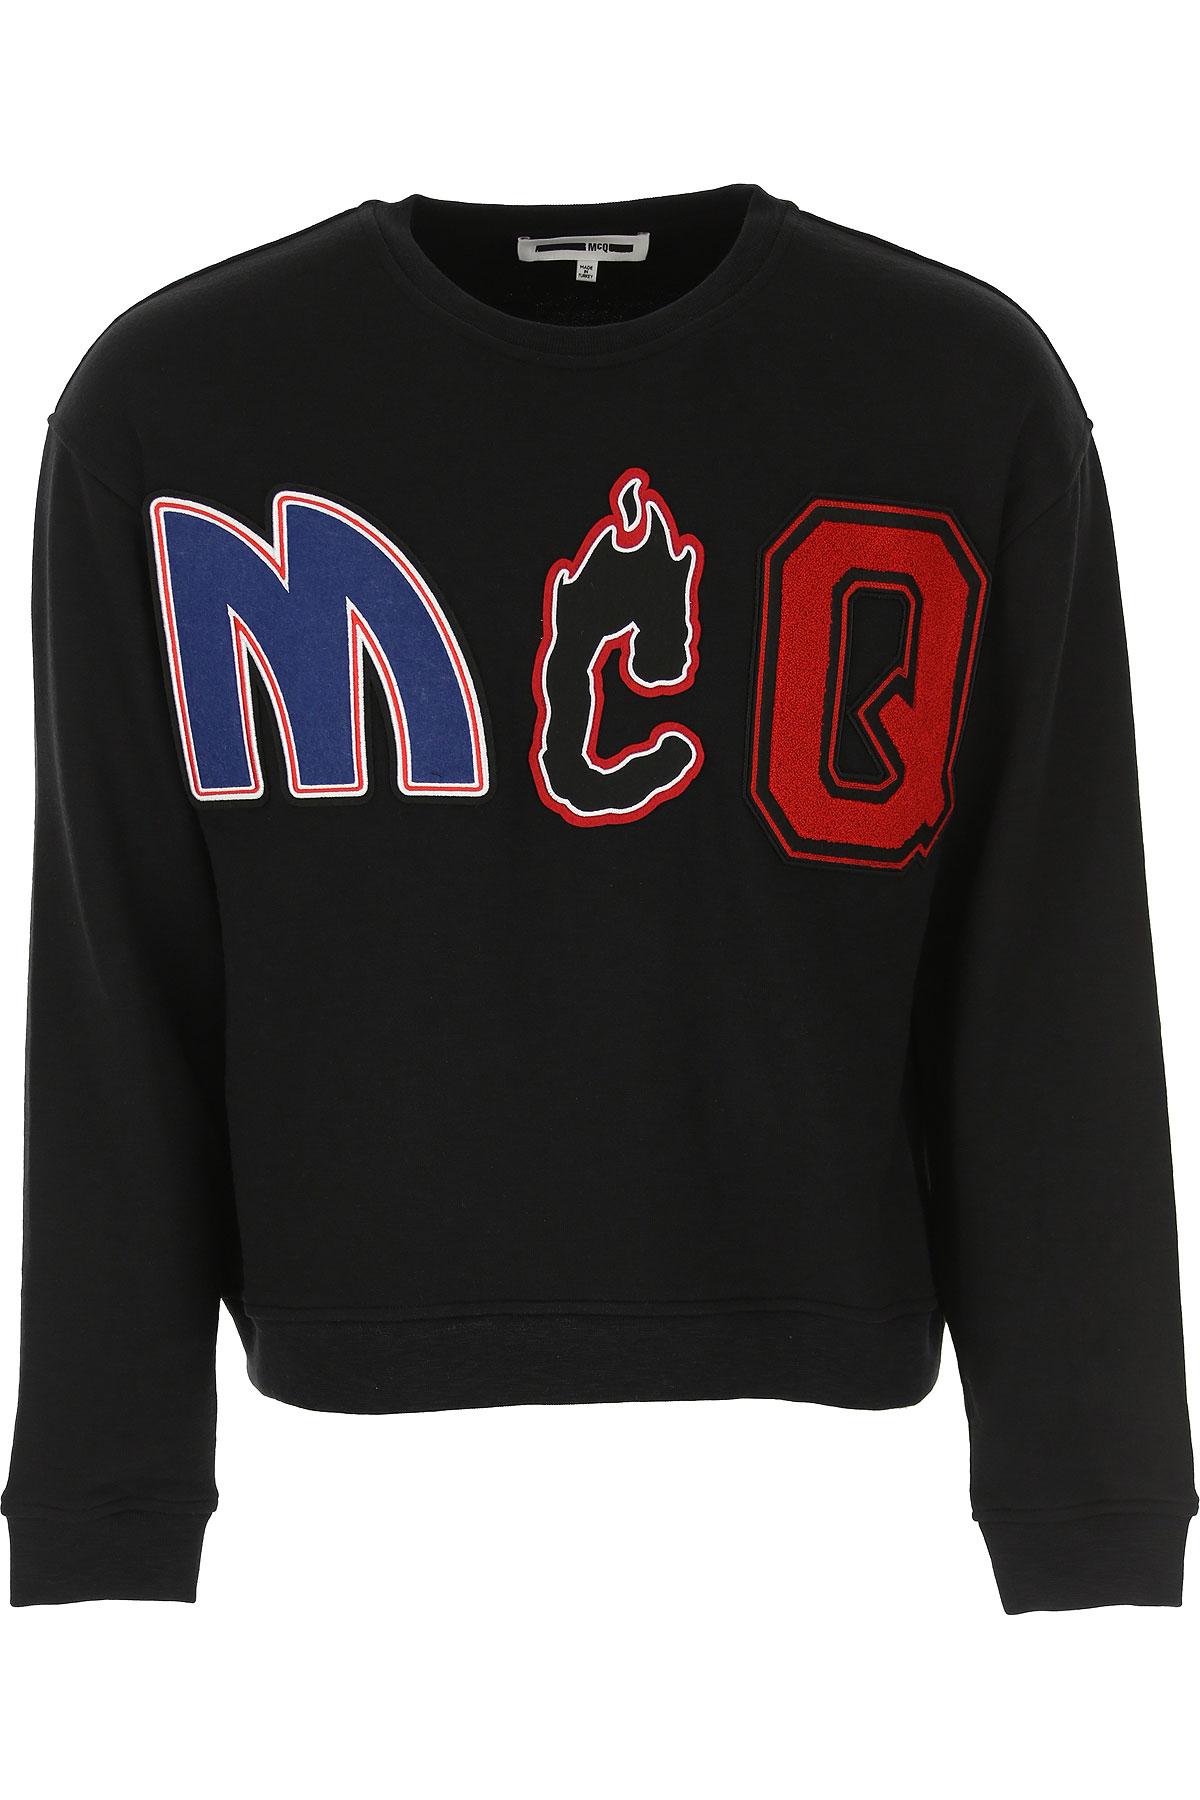 2bbdf620ce7 Alexander McQueen McQ. Clothing for Men